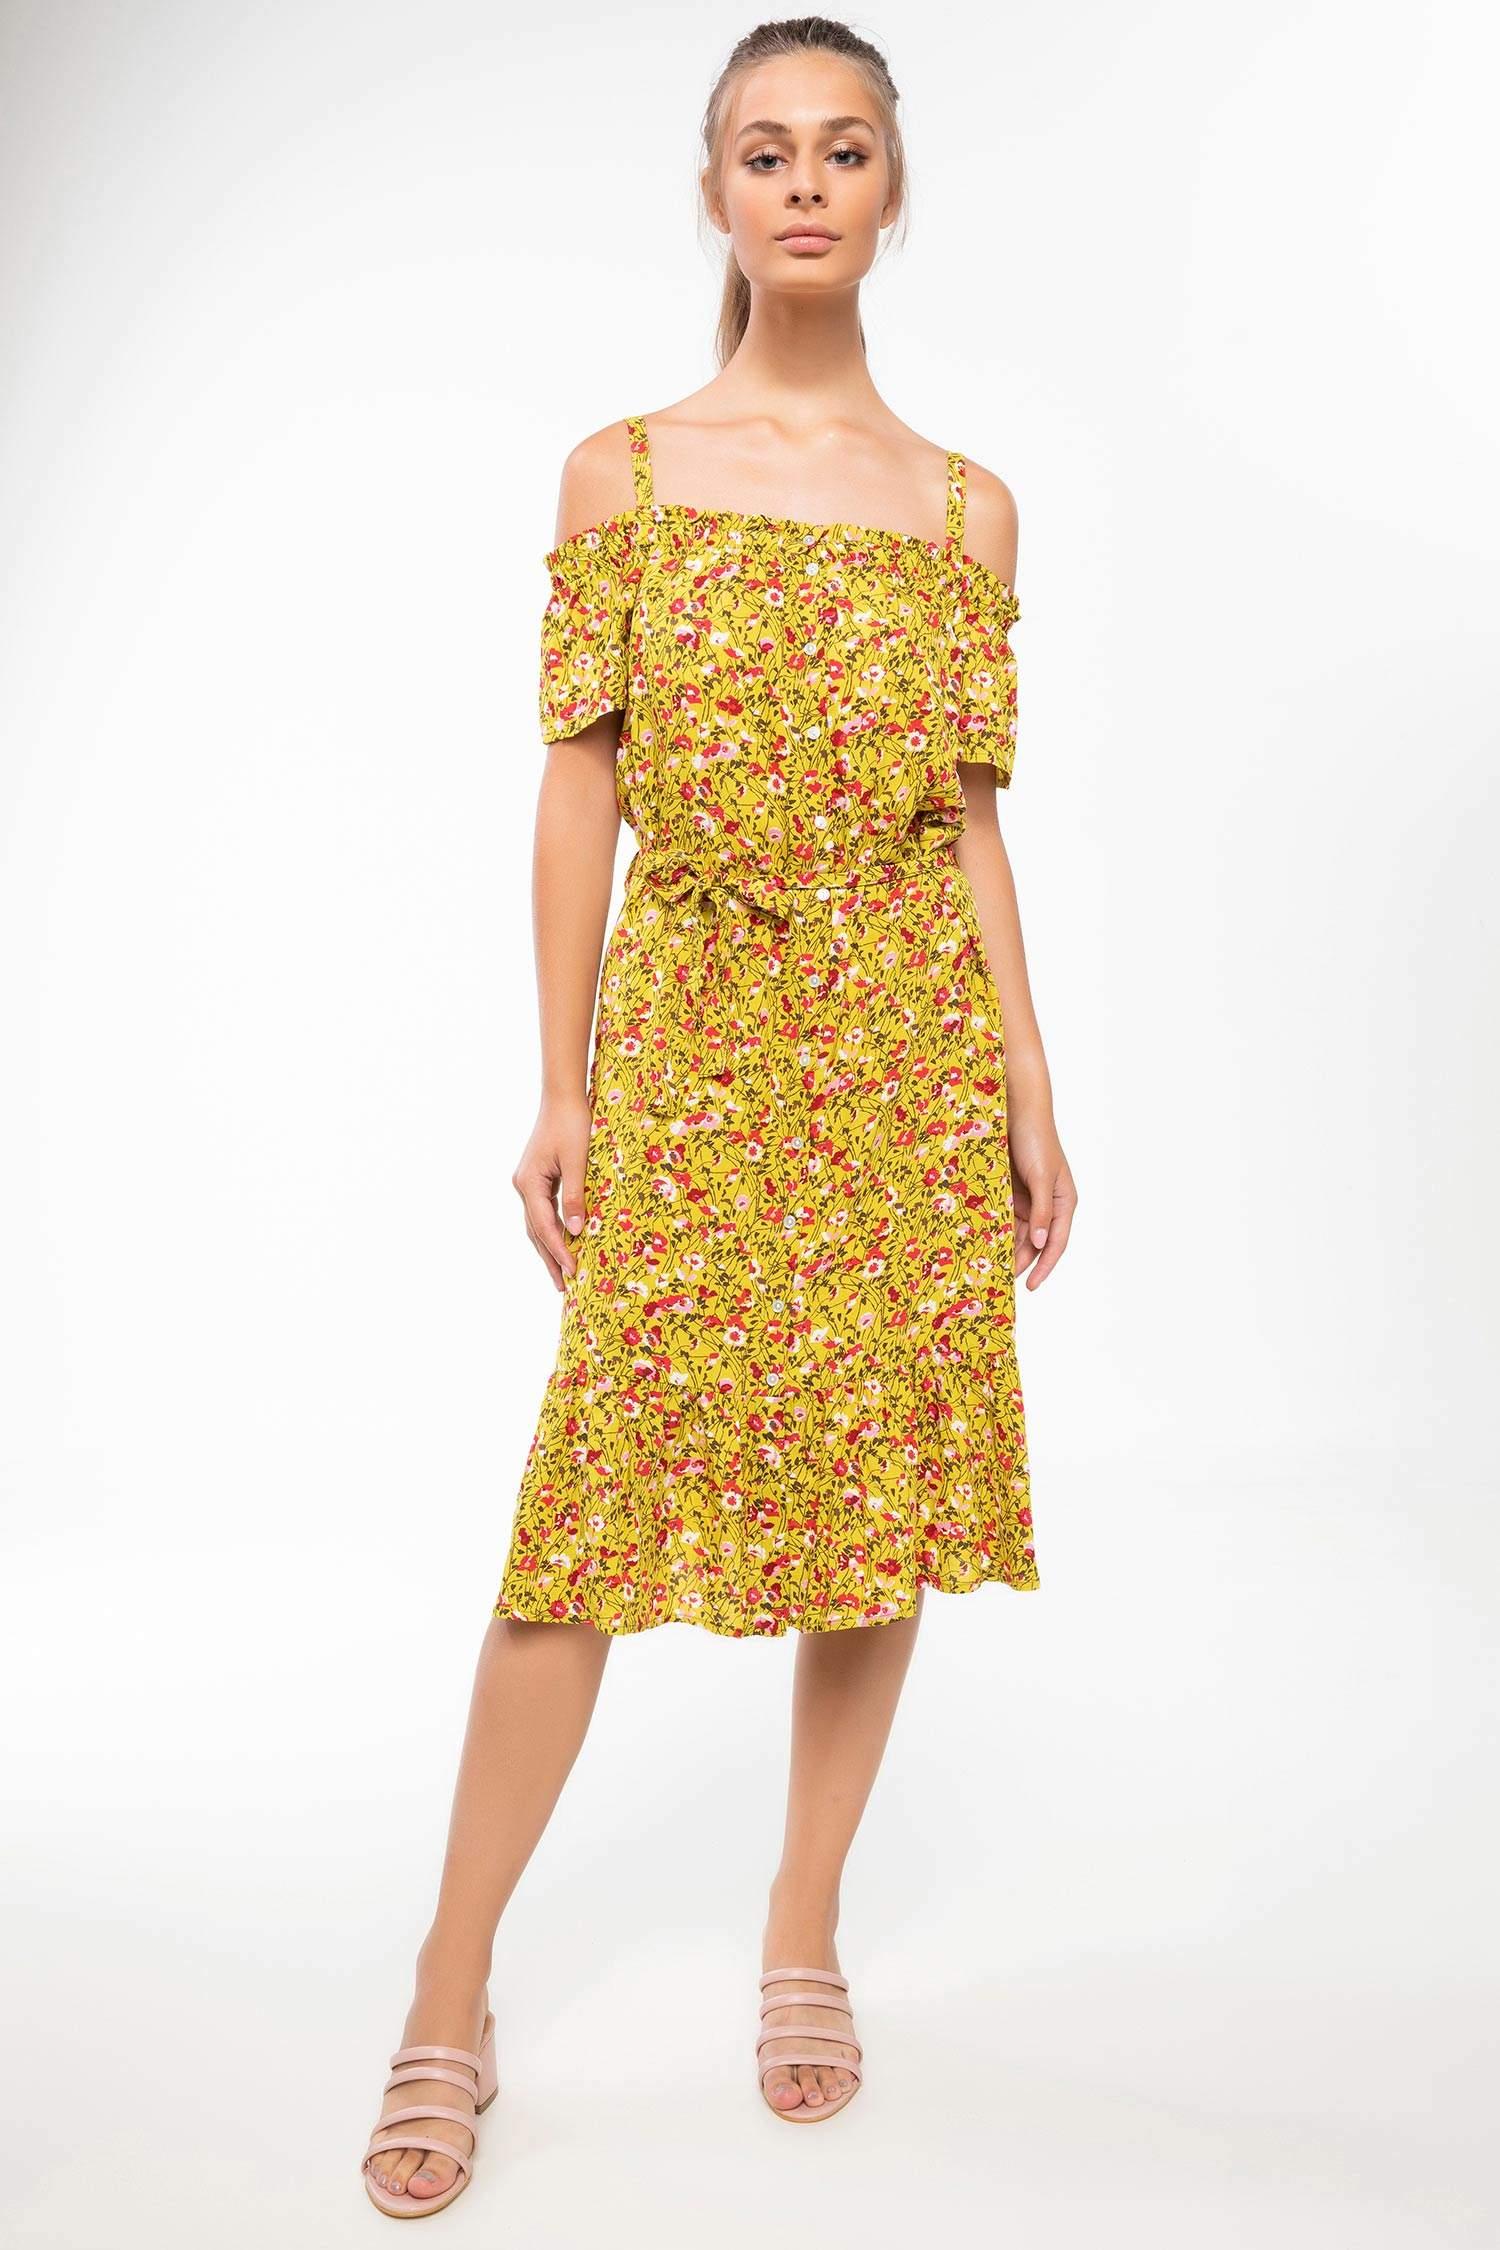 3aad69c1f3c91 Sarı Kadın Kat Volanlı Çiçek Desenli Askılı Elbise 852546 | DeFacto